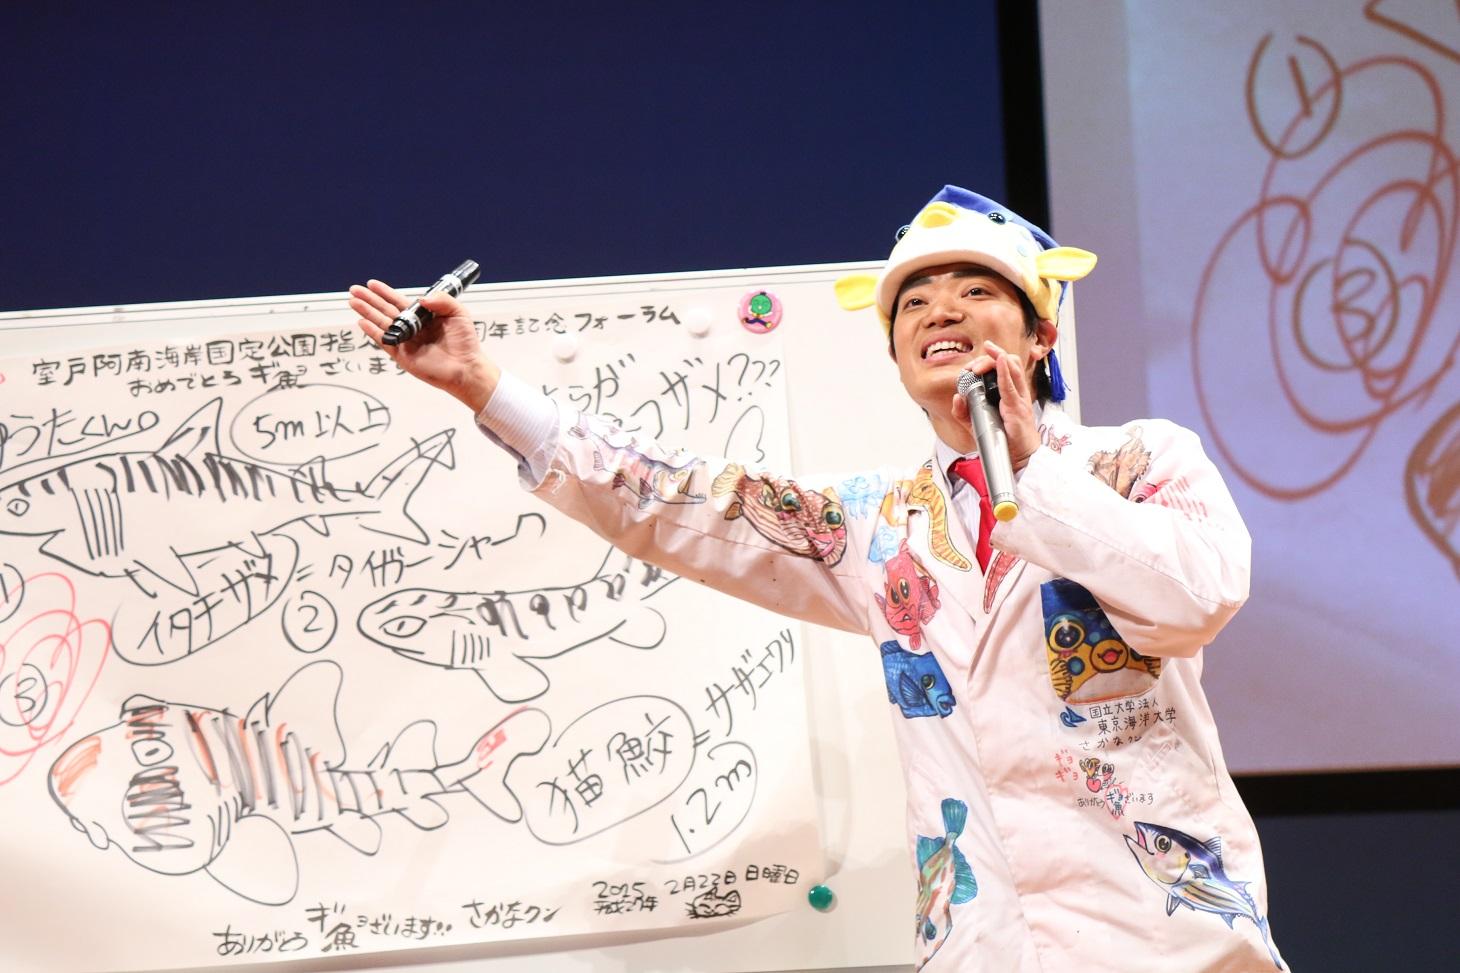 ギョ十(50)周年記念フォーラムに、さかなクンさんがやってきた!